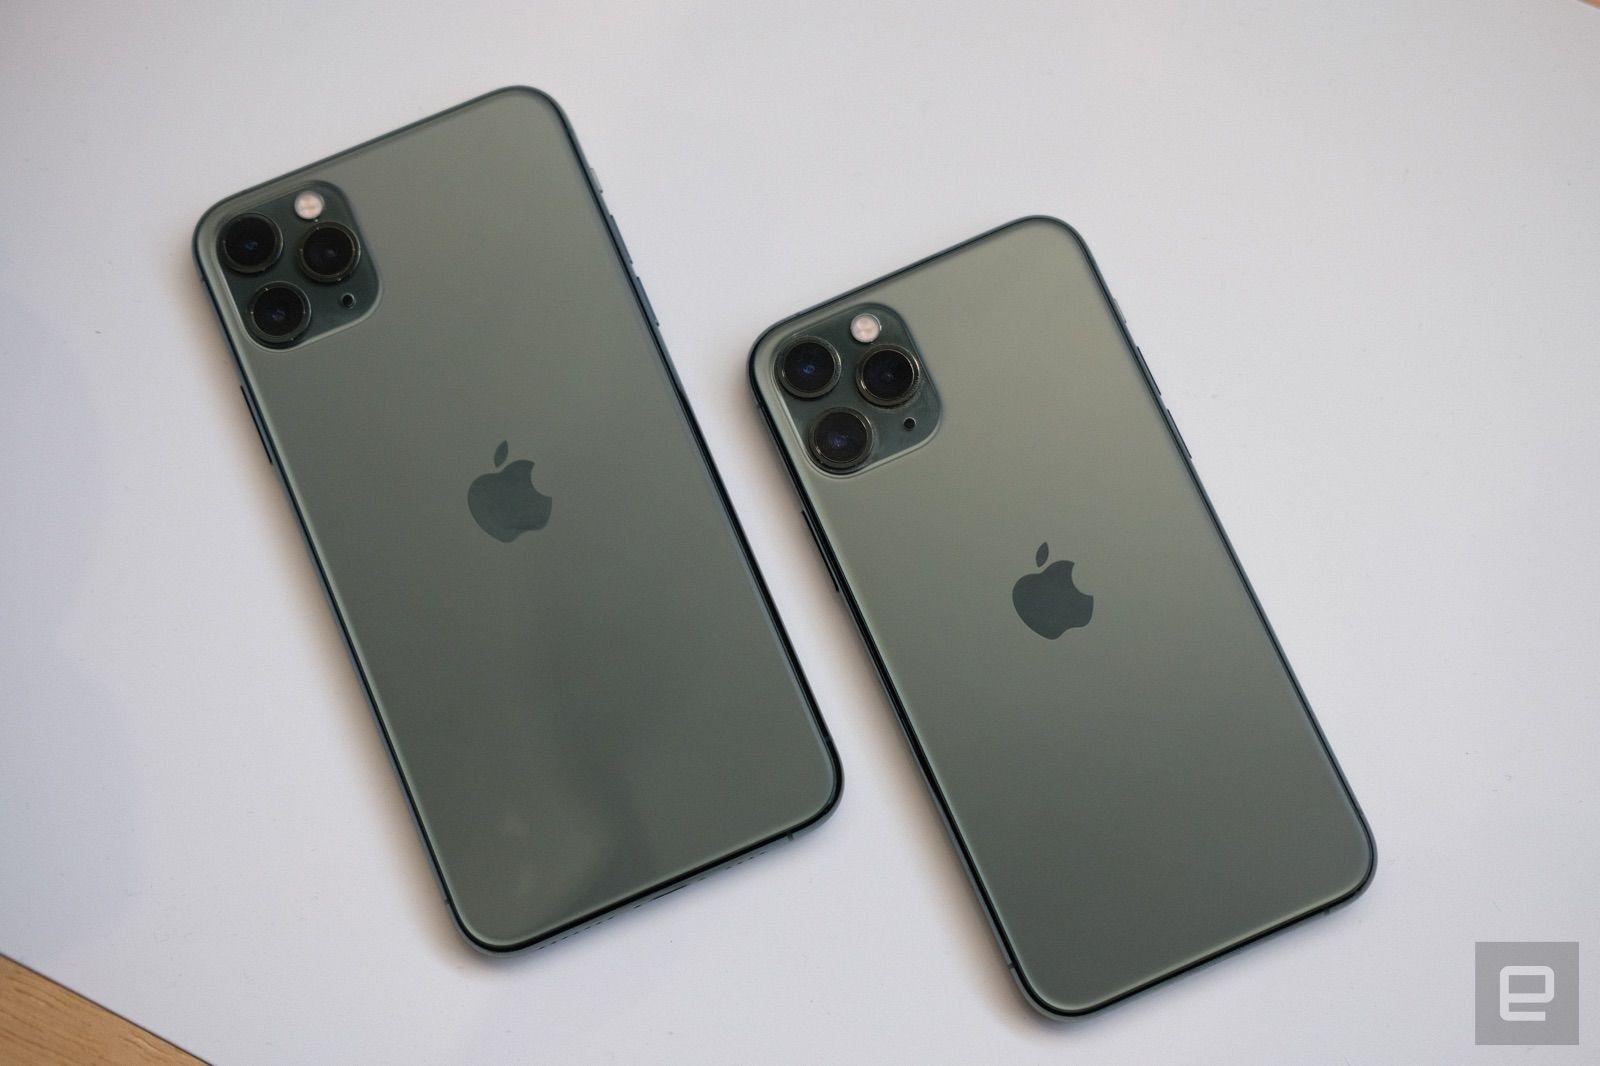 Tin tức công nghệ mới nóng nhất hôm nay 24/10: Siêu phẩm iPhone 11 chống nước tốt hơn quảng cáo - Ảnh 1